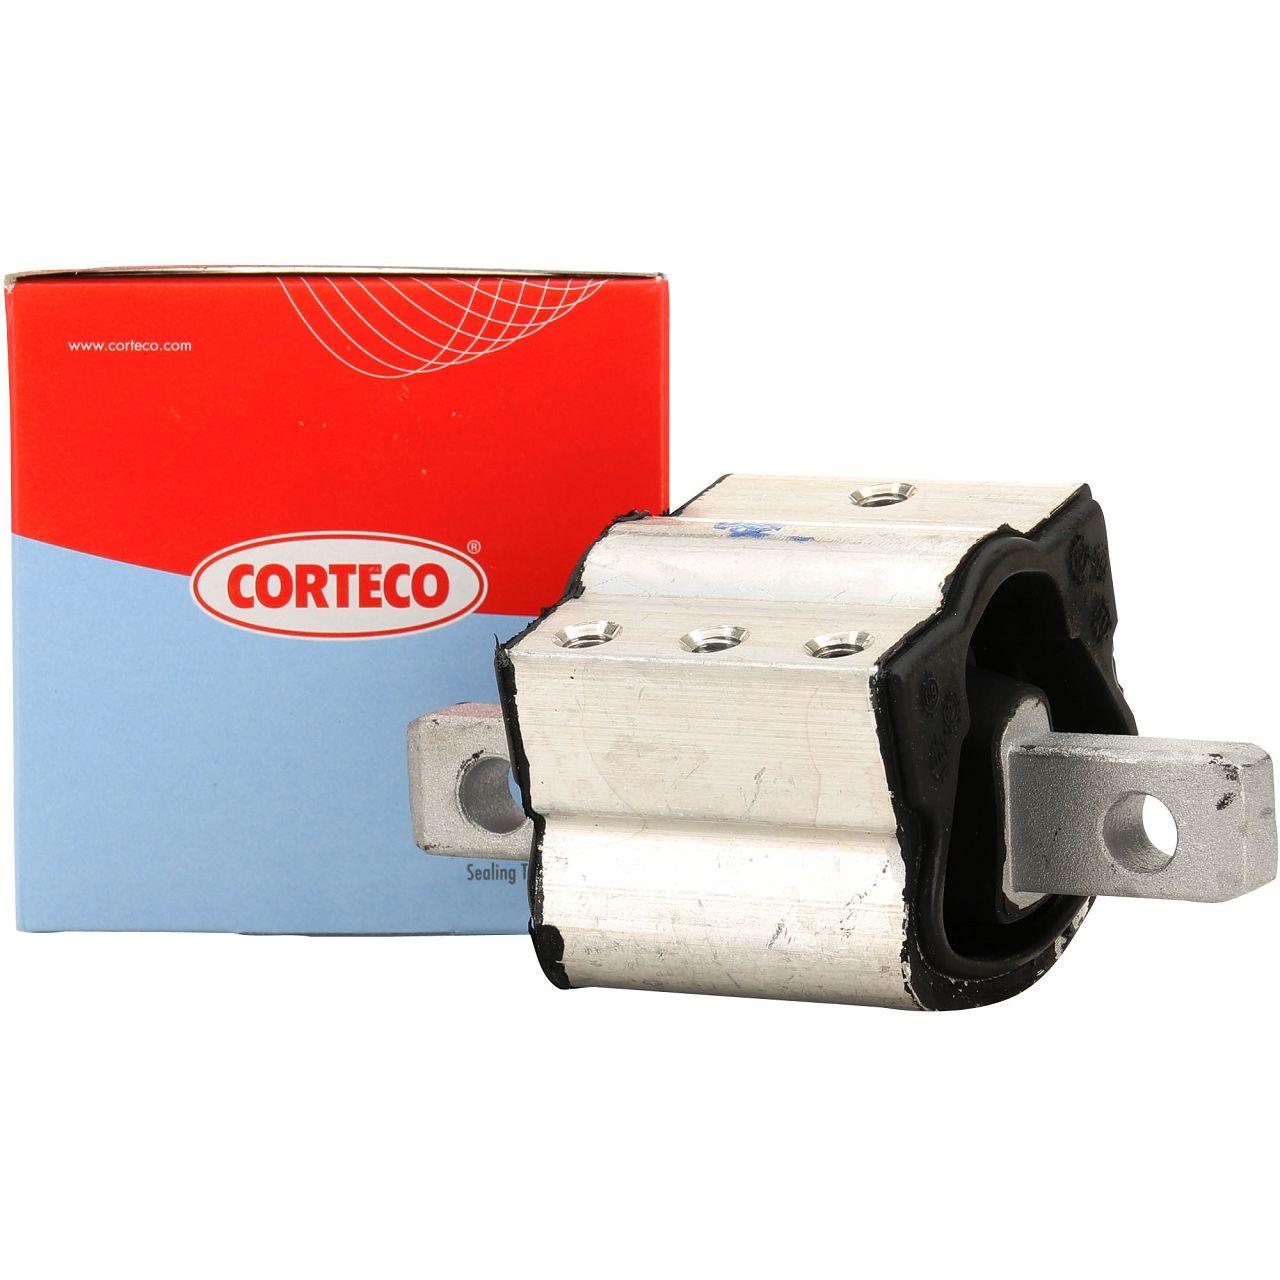 CORTECO Motorlager Motorhalter für Mercedes W202 W203 W210 W211 W463 R129 hinten